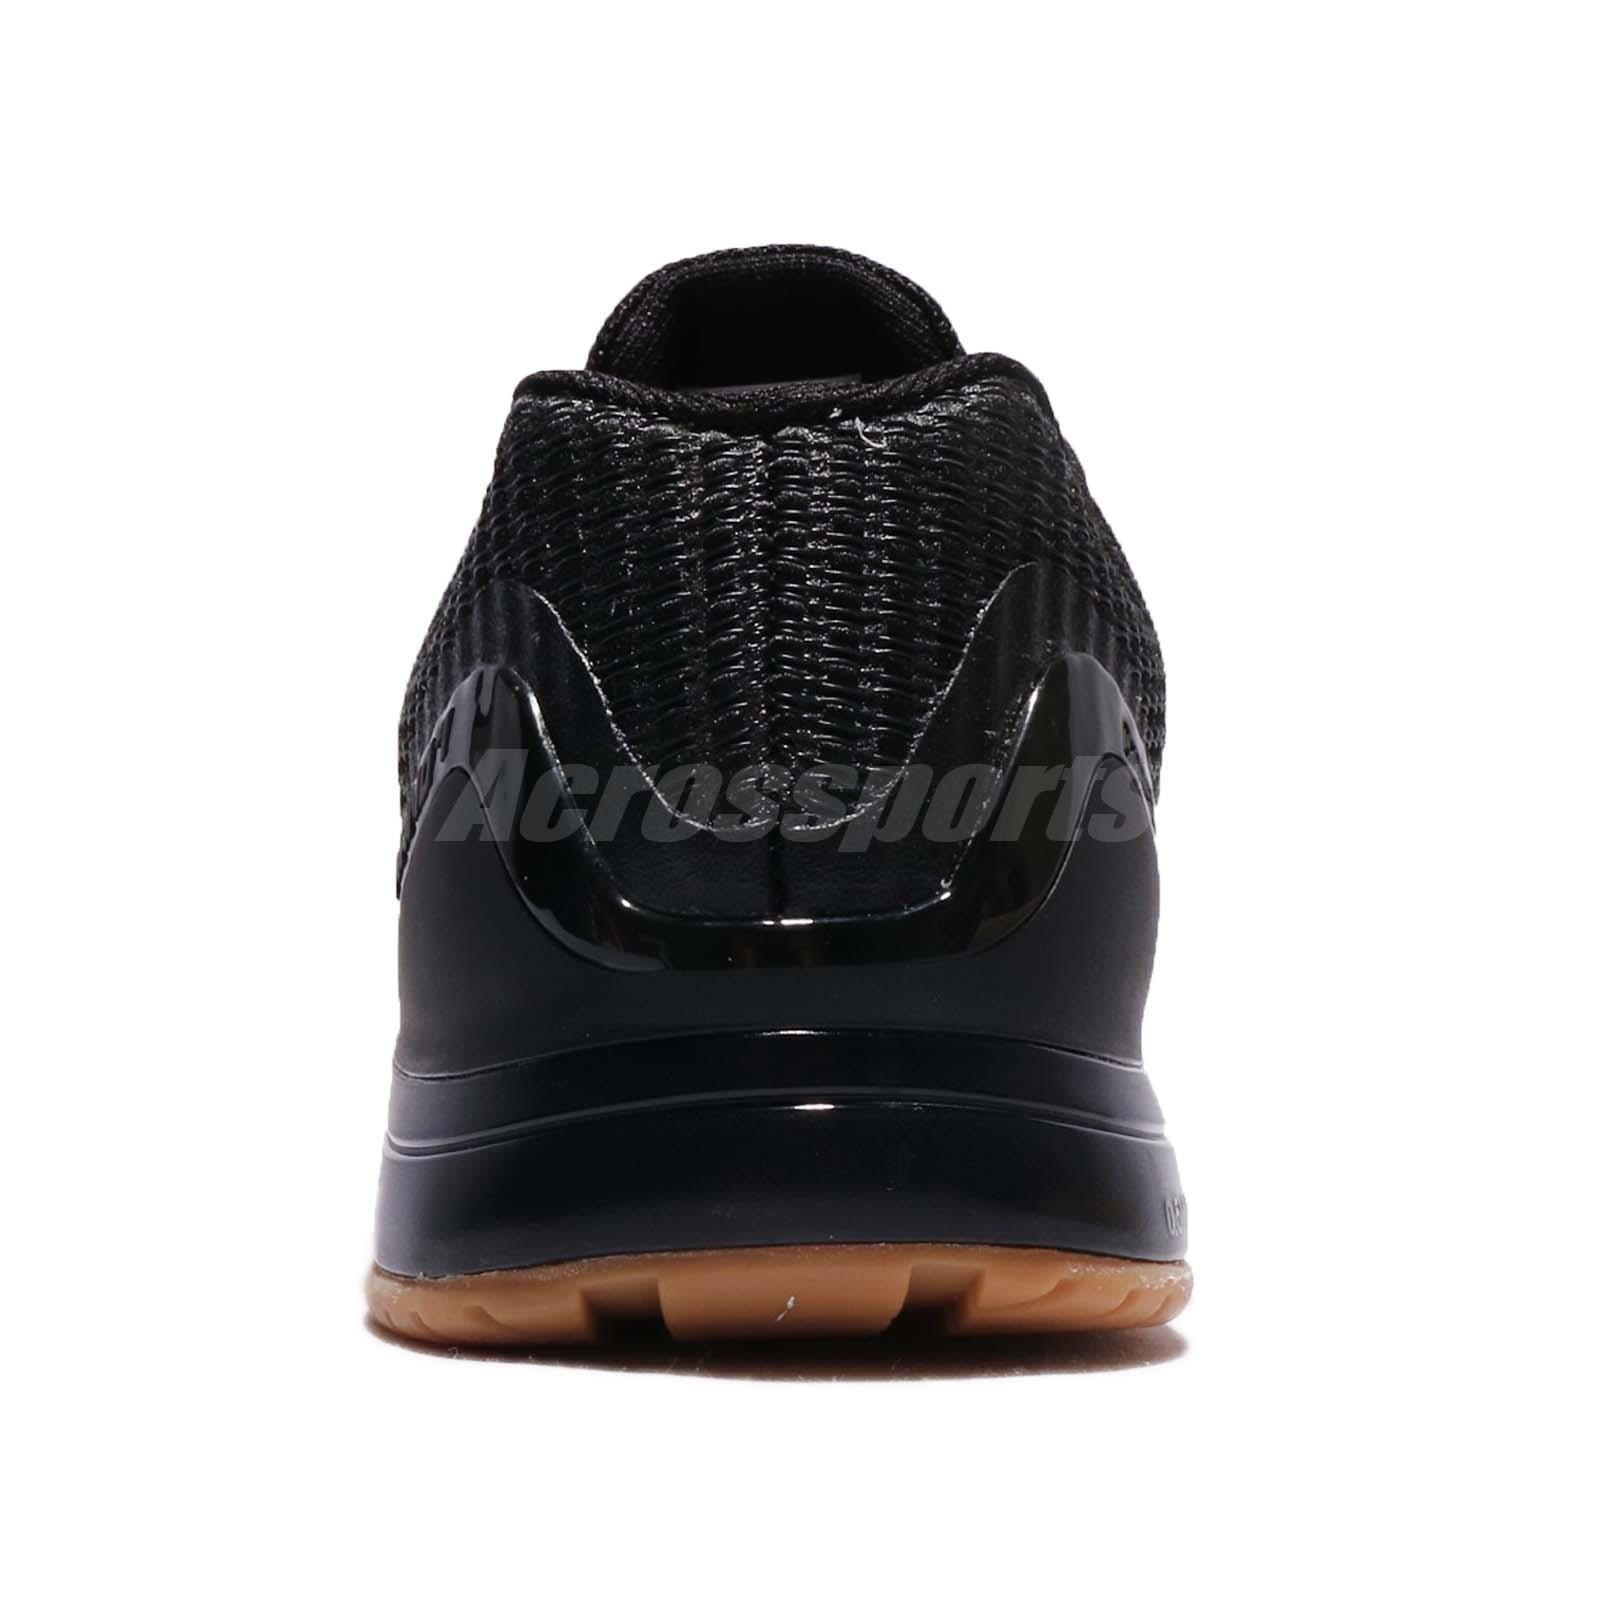 Reebok CrossFit Nano 7.0 DTD Weave Black Gum Men Lifting Gym Shoe ... b5836d6bd